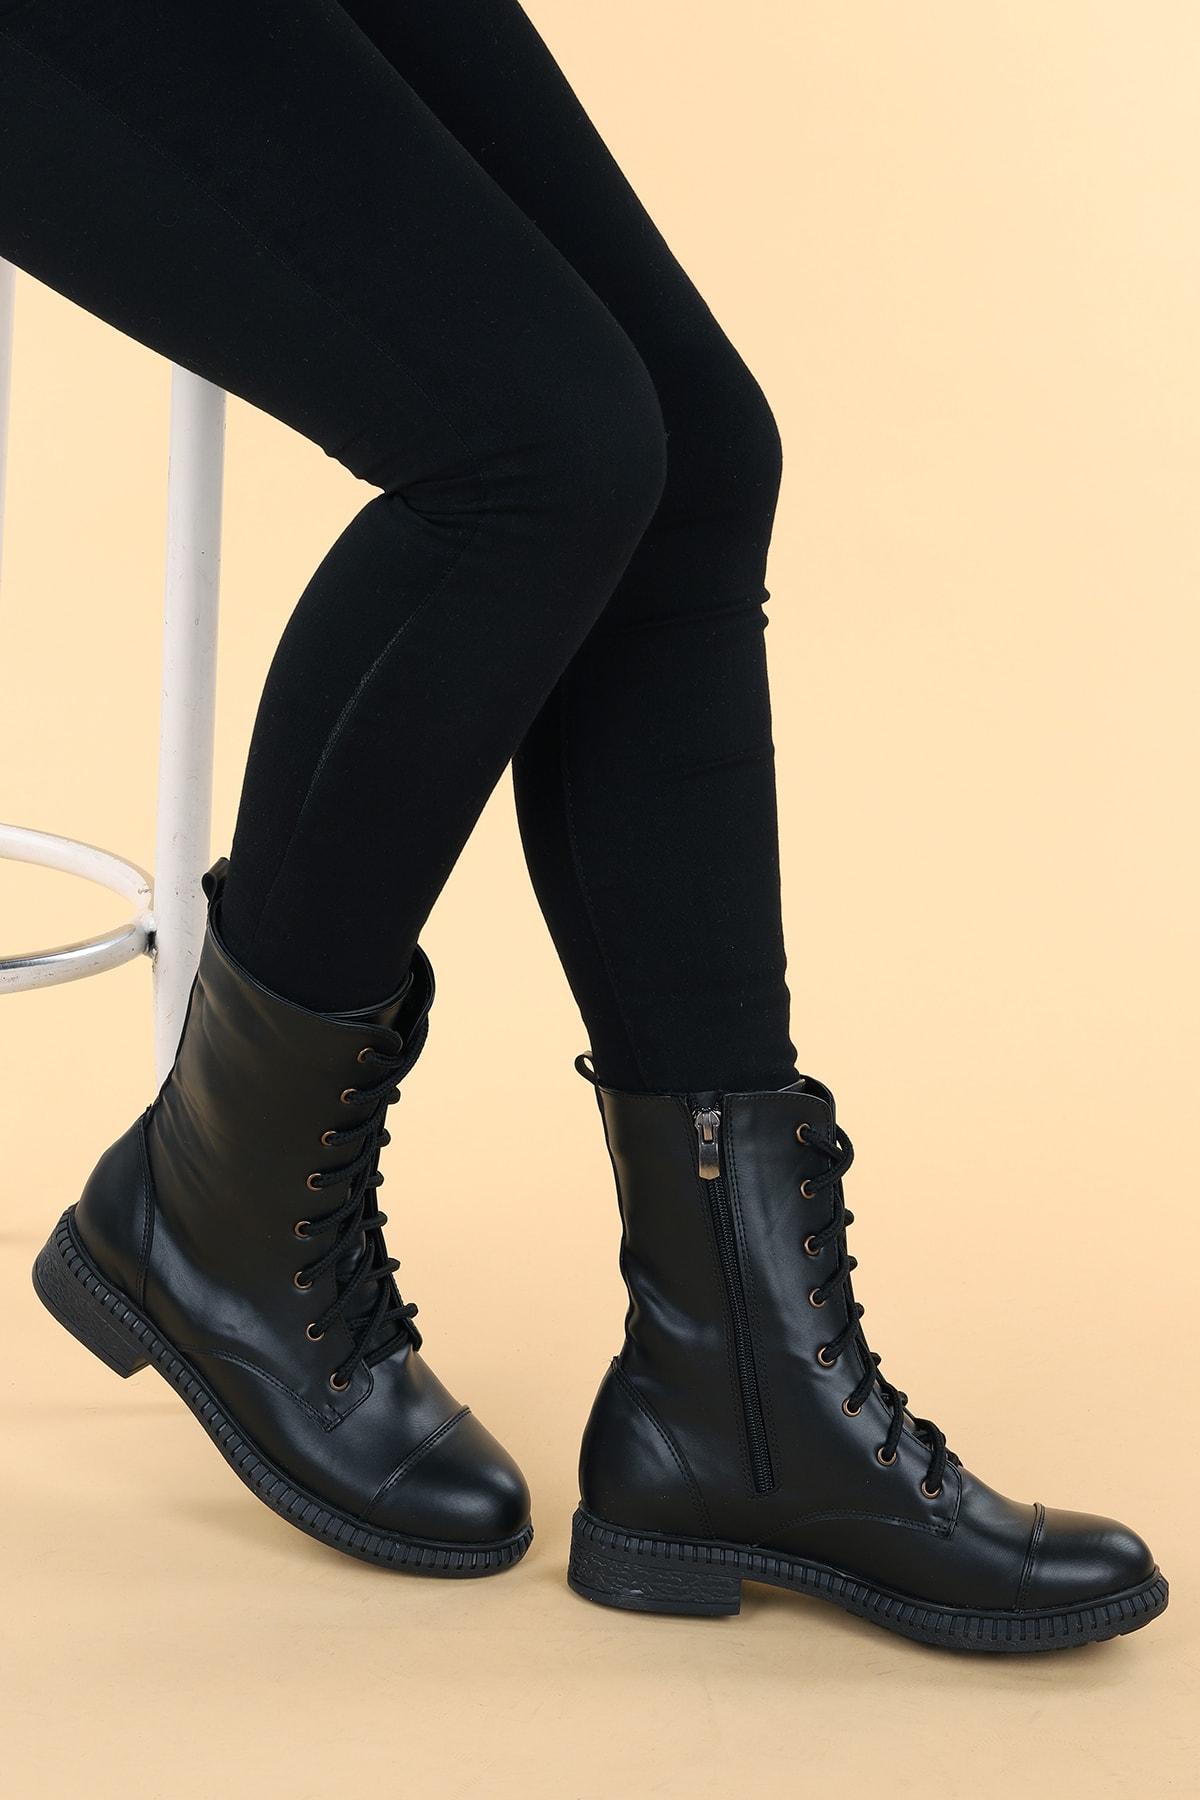 Ayakland Kadın Siyah Cilt Termo Taban Bot C901-01 2